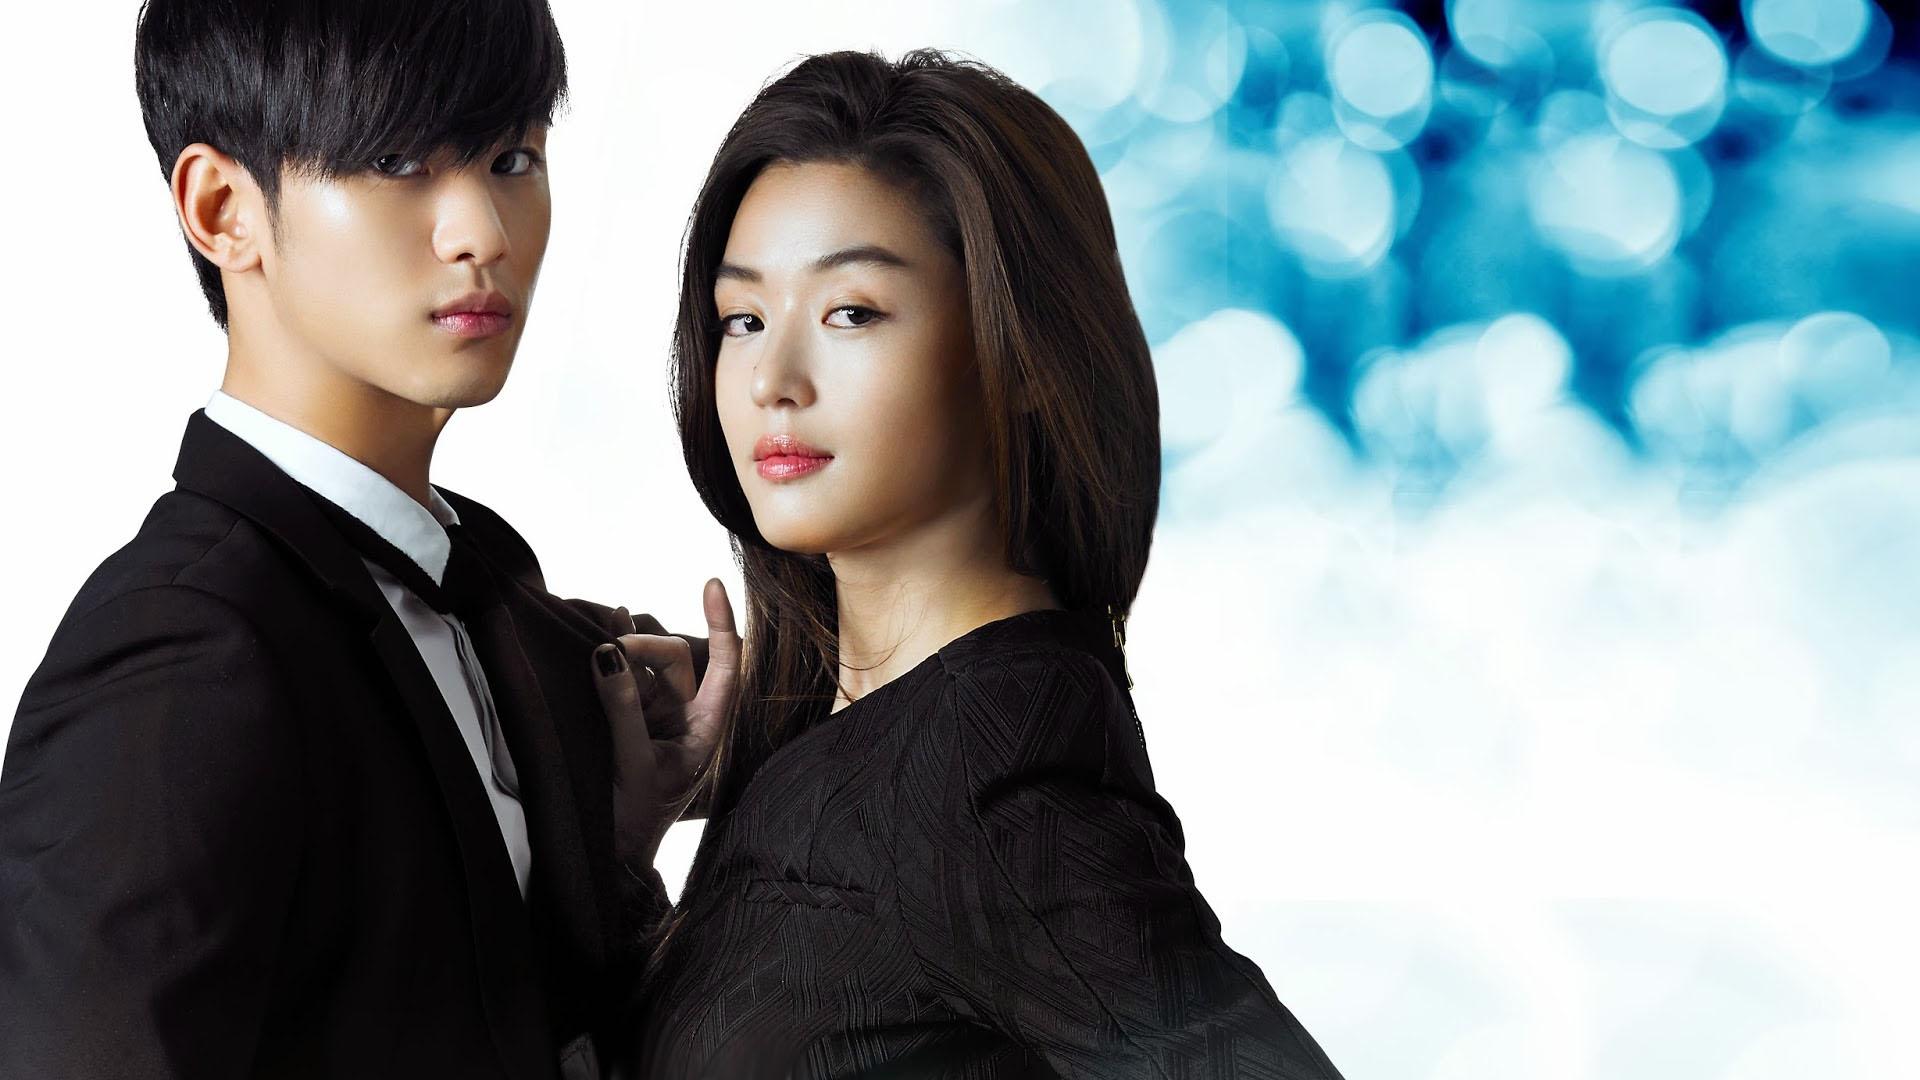 Korean-Dramas-image-korean-dramas-36344313-1920-1080_1